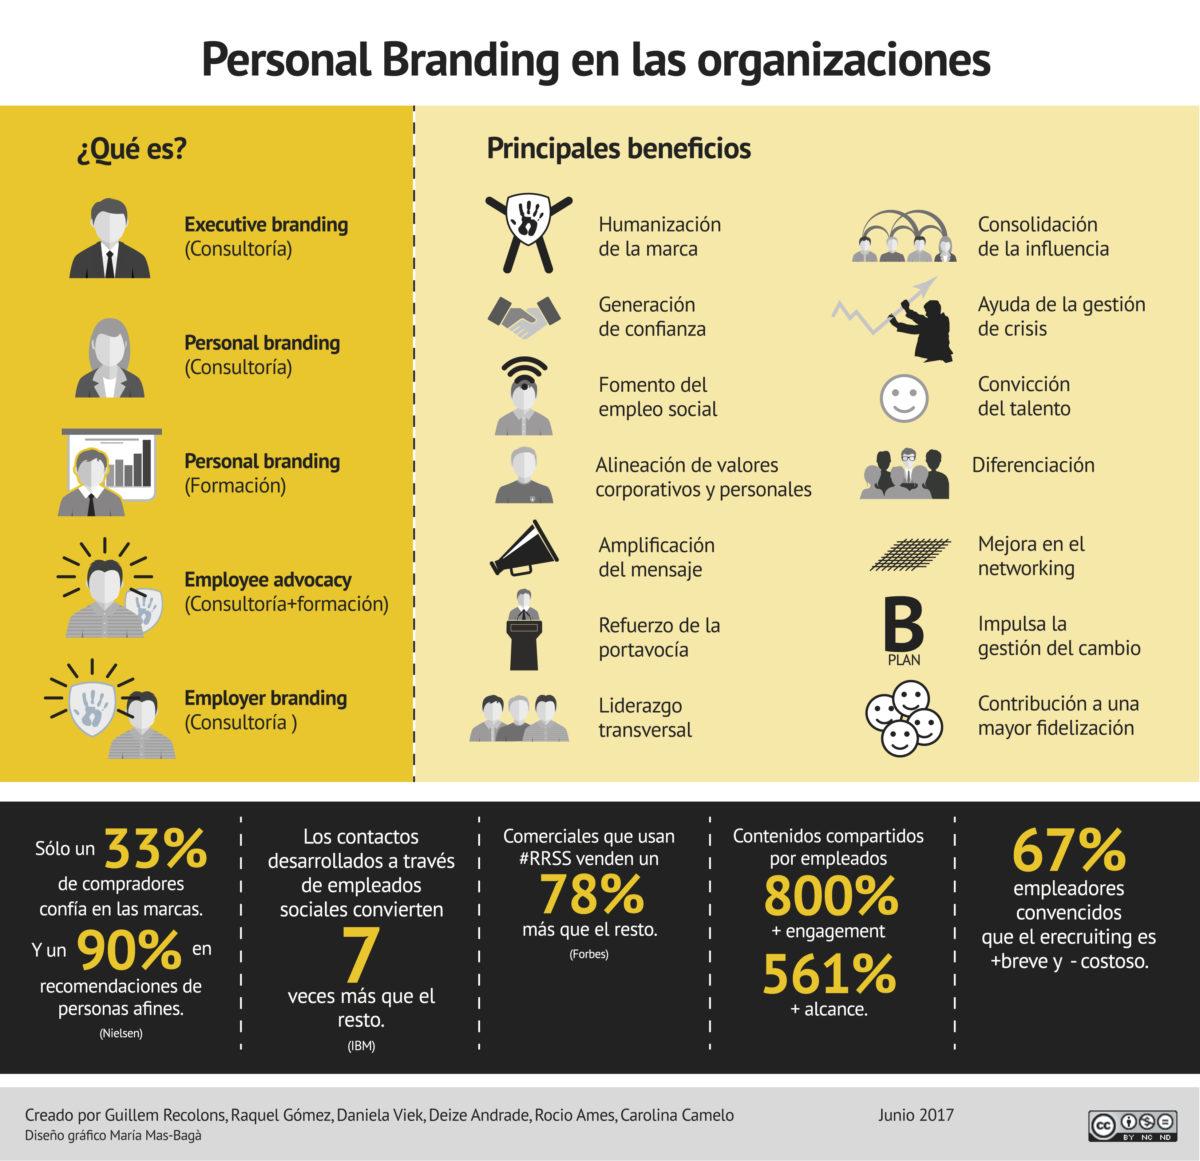 Infografía: Personal Branding en las organizaciones